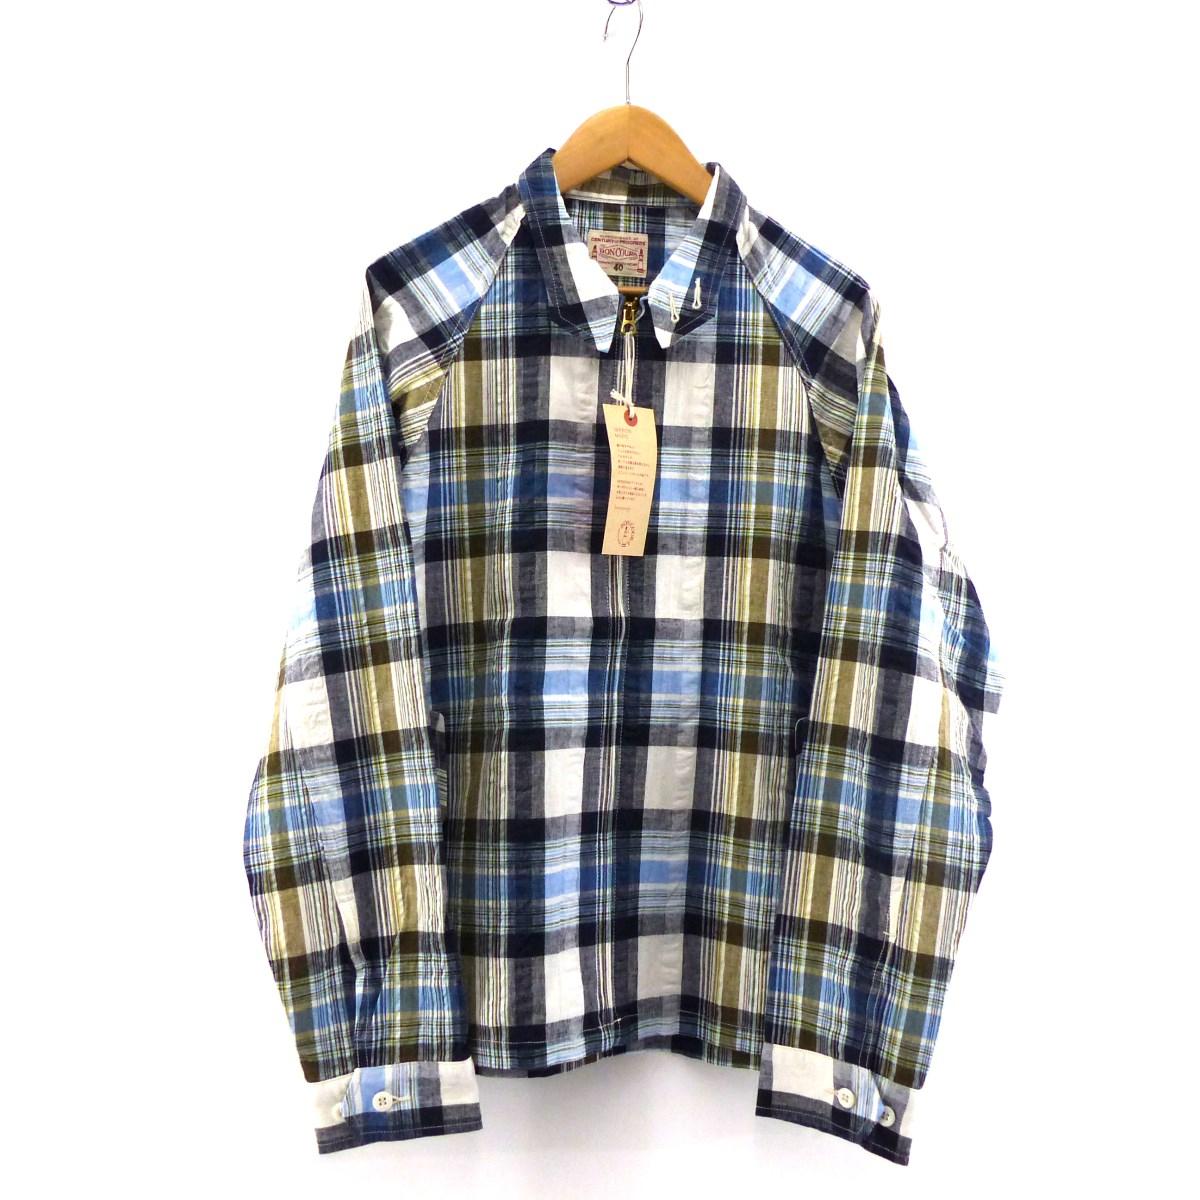 【中古】BONCOURA ジップアップチェックジャケット マルチカラー サイズ:40 【160420】(ボンクラ)